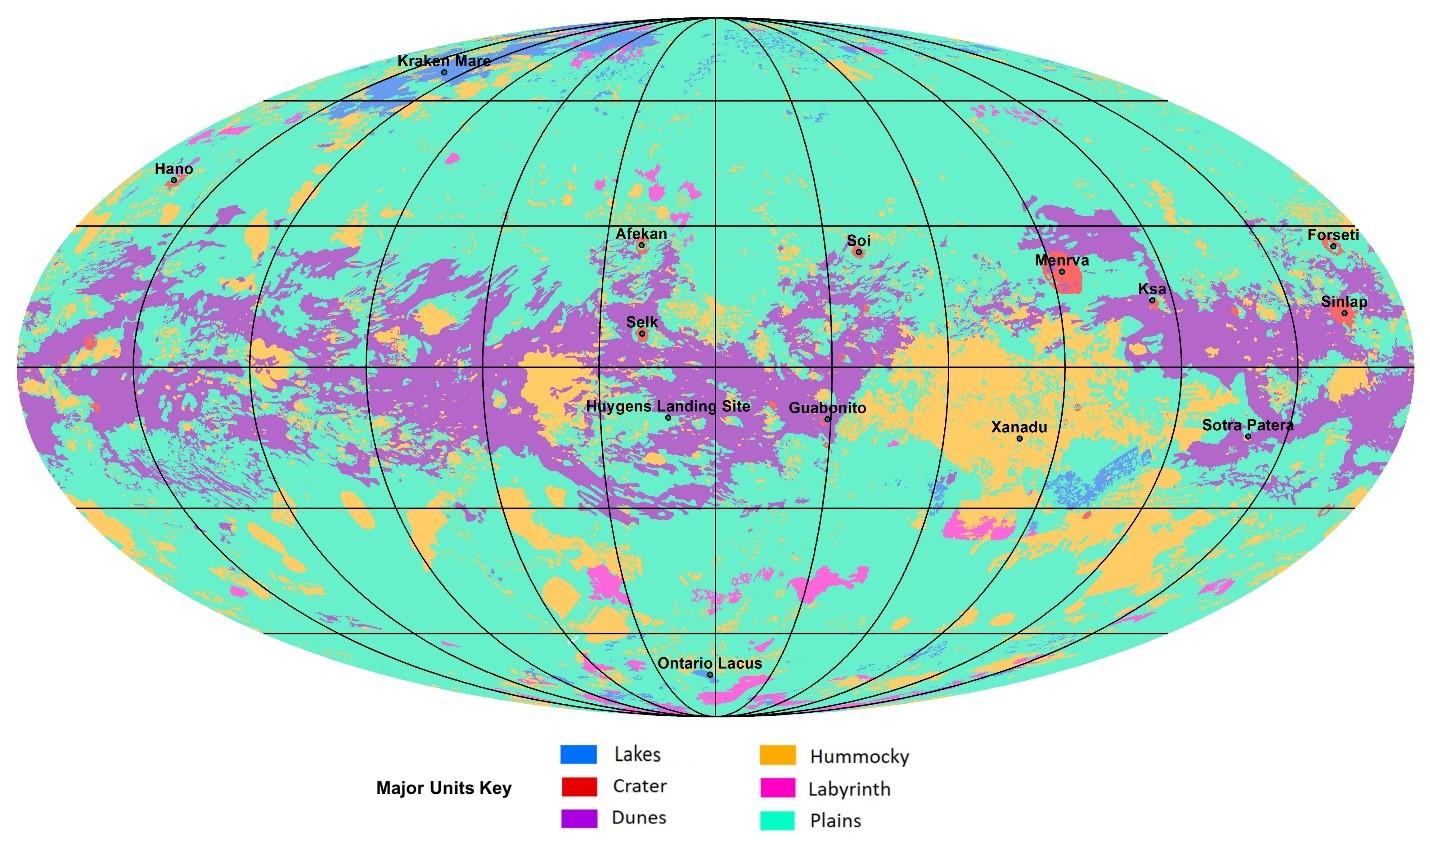 El primer mapa geológico global de Titán se basa en imágenes de radar y luz infrarroja de la misión Cassini de la NASA, que orbitó Saturno de 2004 a 2017.